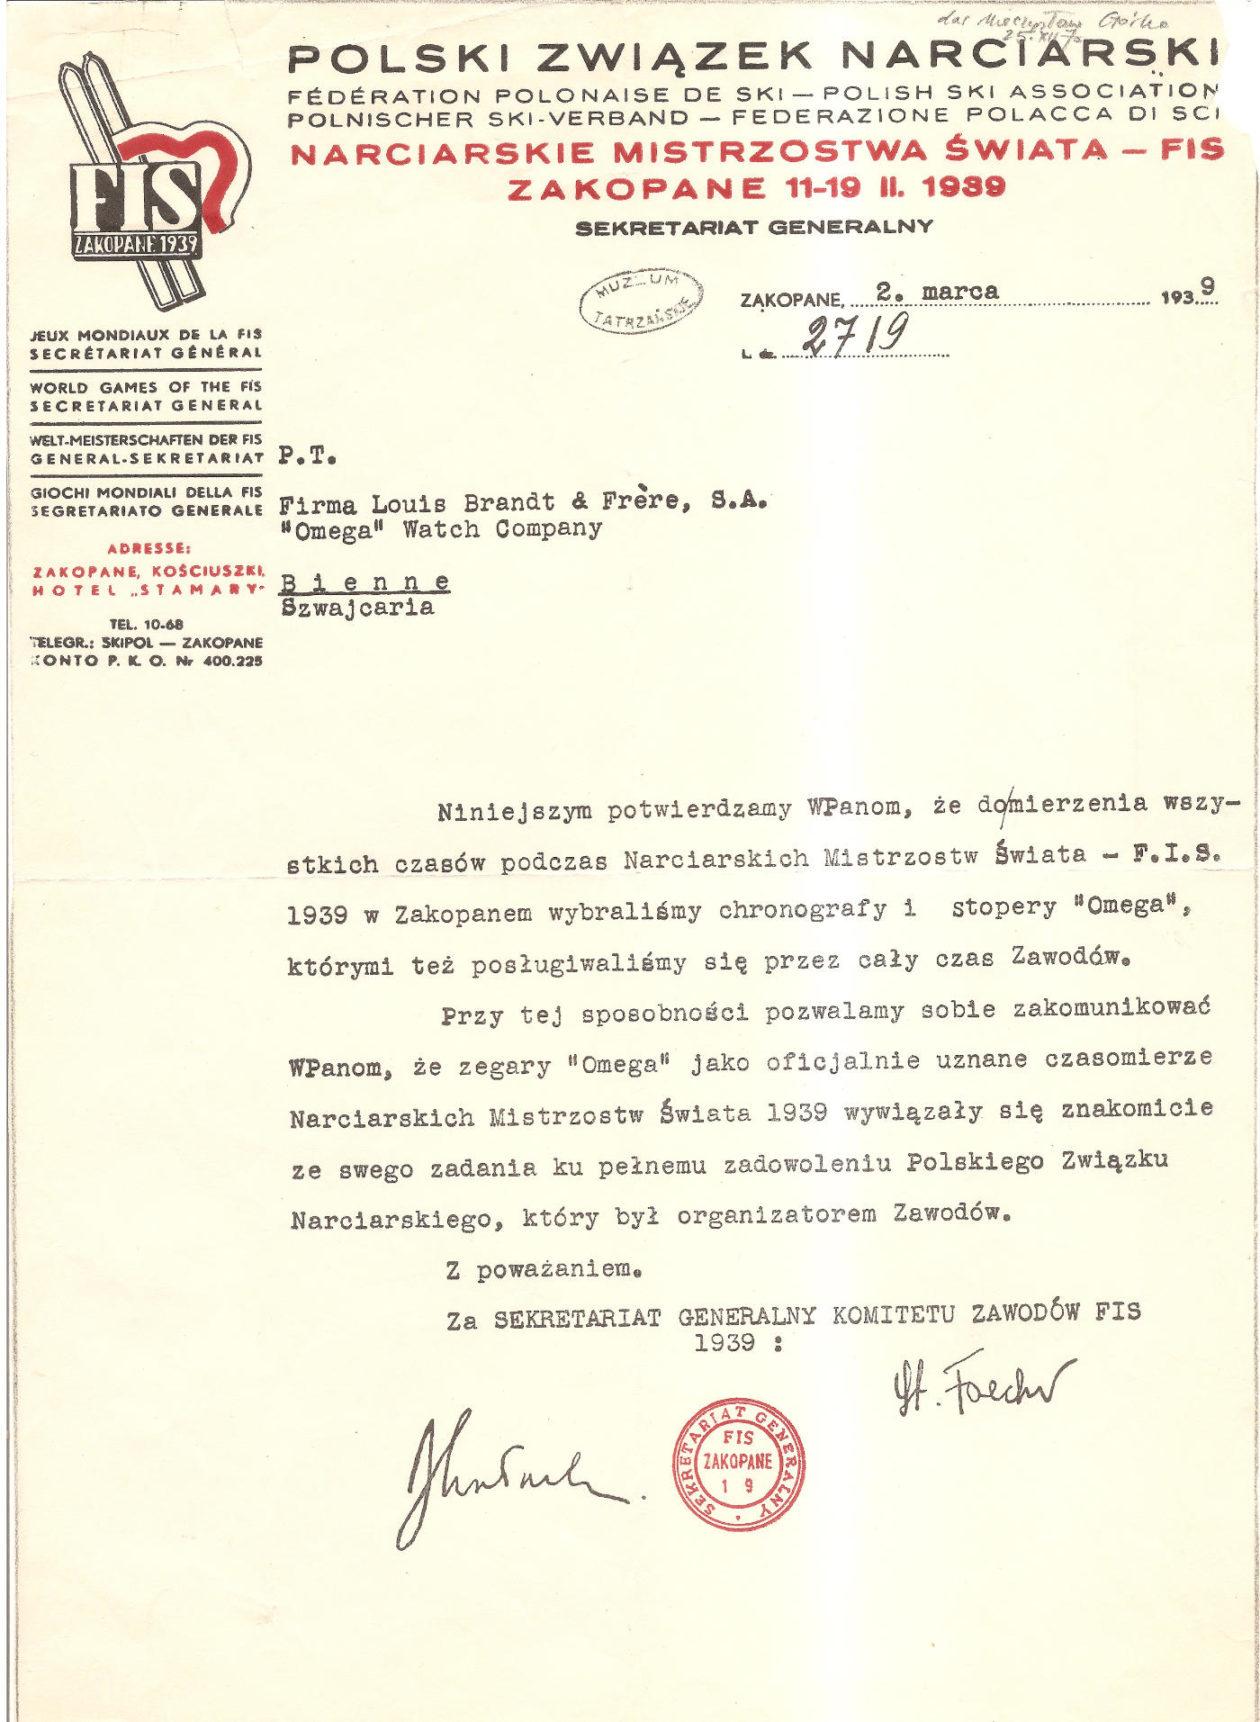 Podziękowania PZN dla firmy Omega / źródło: Muzeum Tatrzańskie w Zakopanem